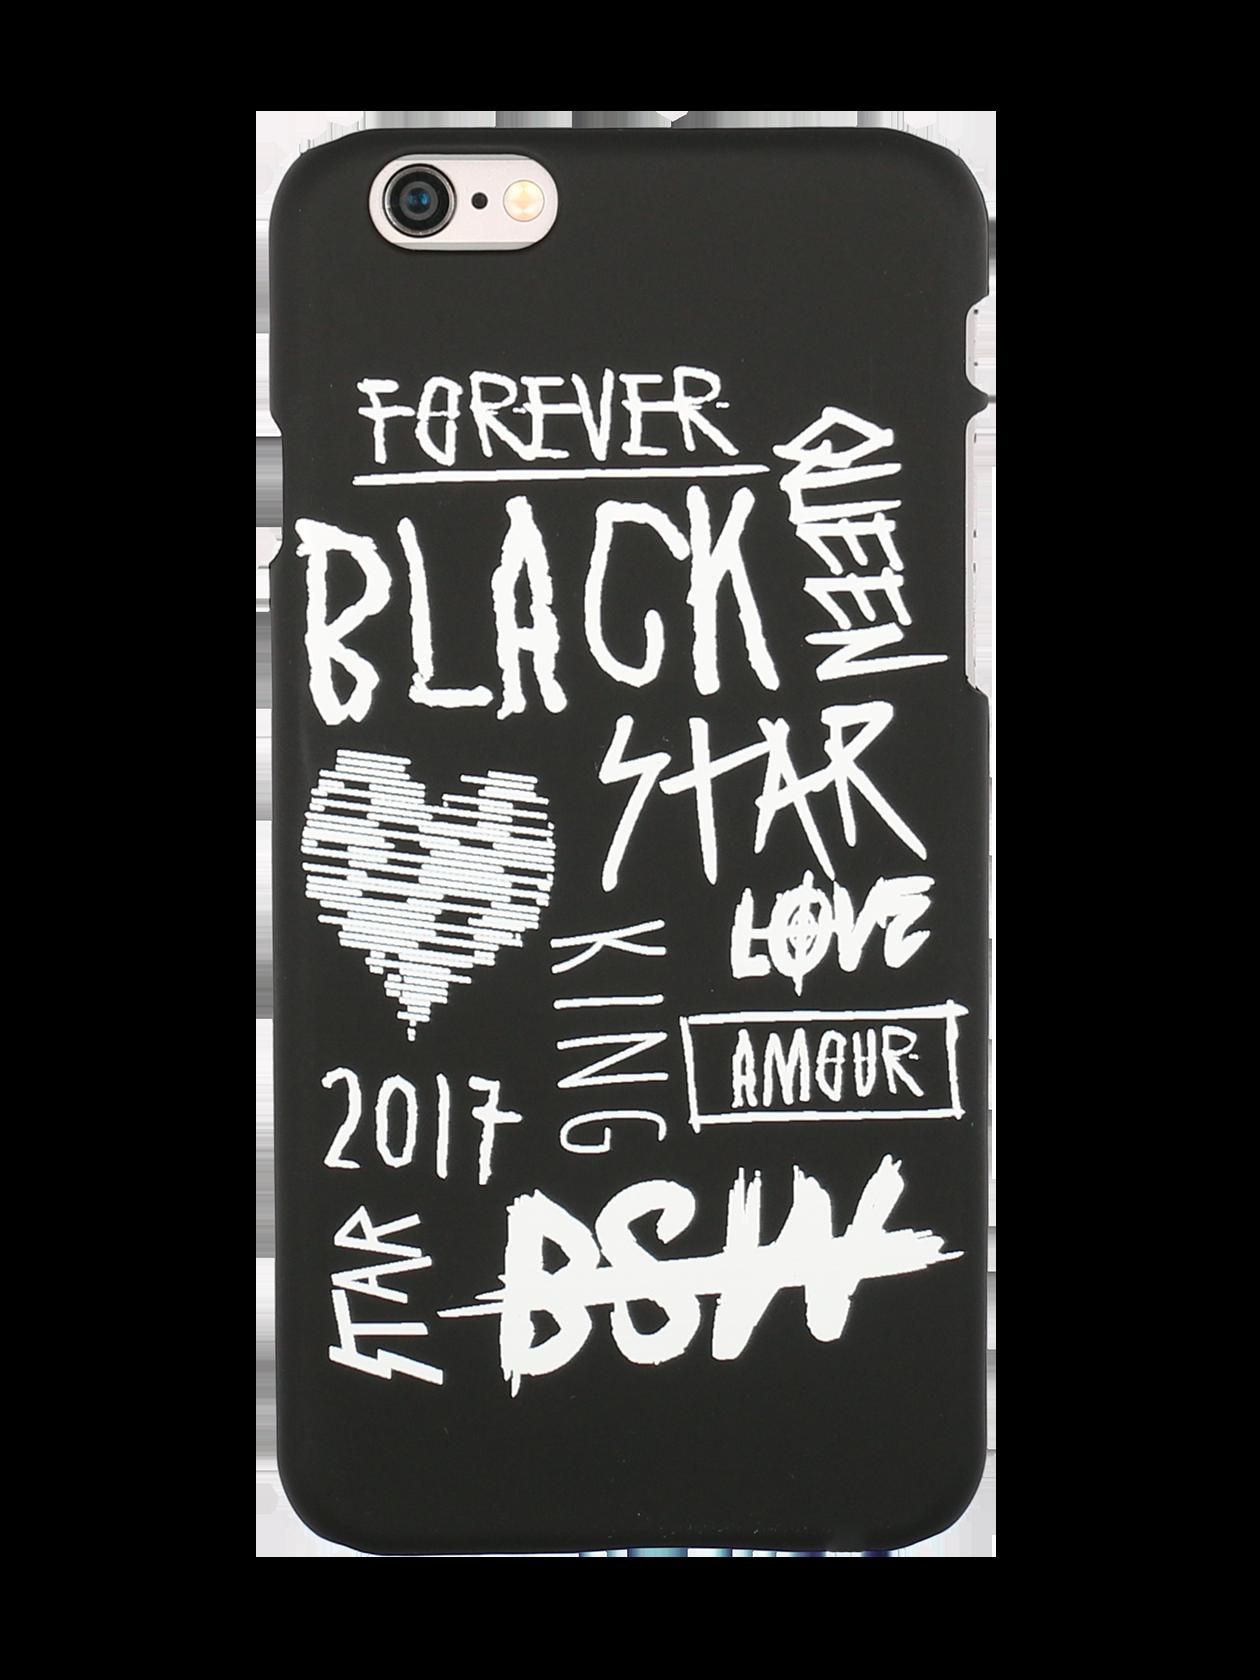 Чехол для телефона AMOURЧехол для телефона Amour  – яркий аксессуар и надежная защита любимого гаджета. Аксессуар изготовлен в виде задней стенки мобильного устройства, идеально повторяющей его контуры и предупреждающей попадание пыли. Выполнен из практичного пластика с матовой текстурой. По всему корпусу оформлены контрастные надписи и символы в стилистике Black Star. Изделие представлено в трех цветах – черном, красном, розовом.<br><br>Размер: 5<br>Цвет: Черный<br>Пол: Унисекс